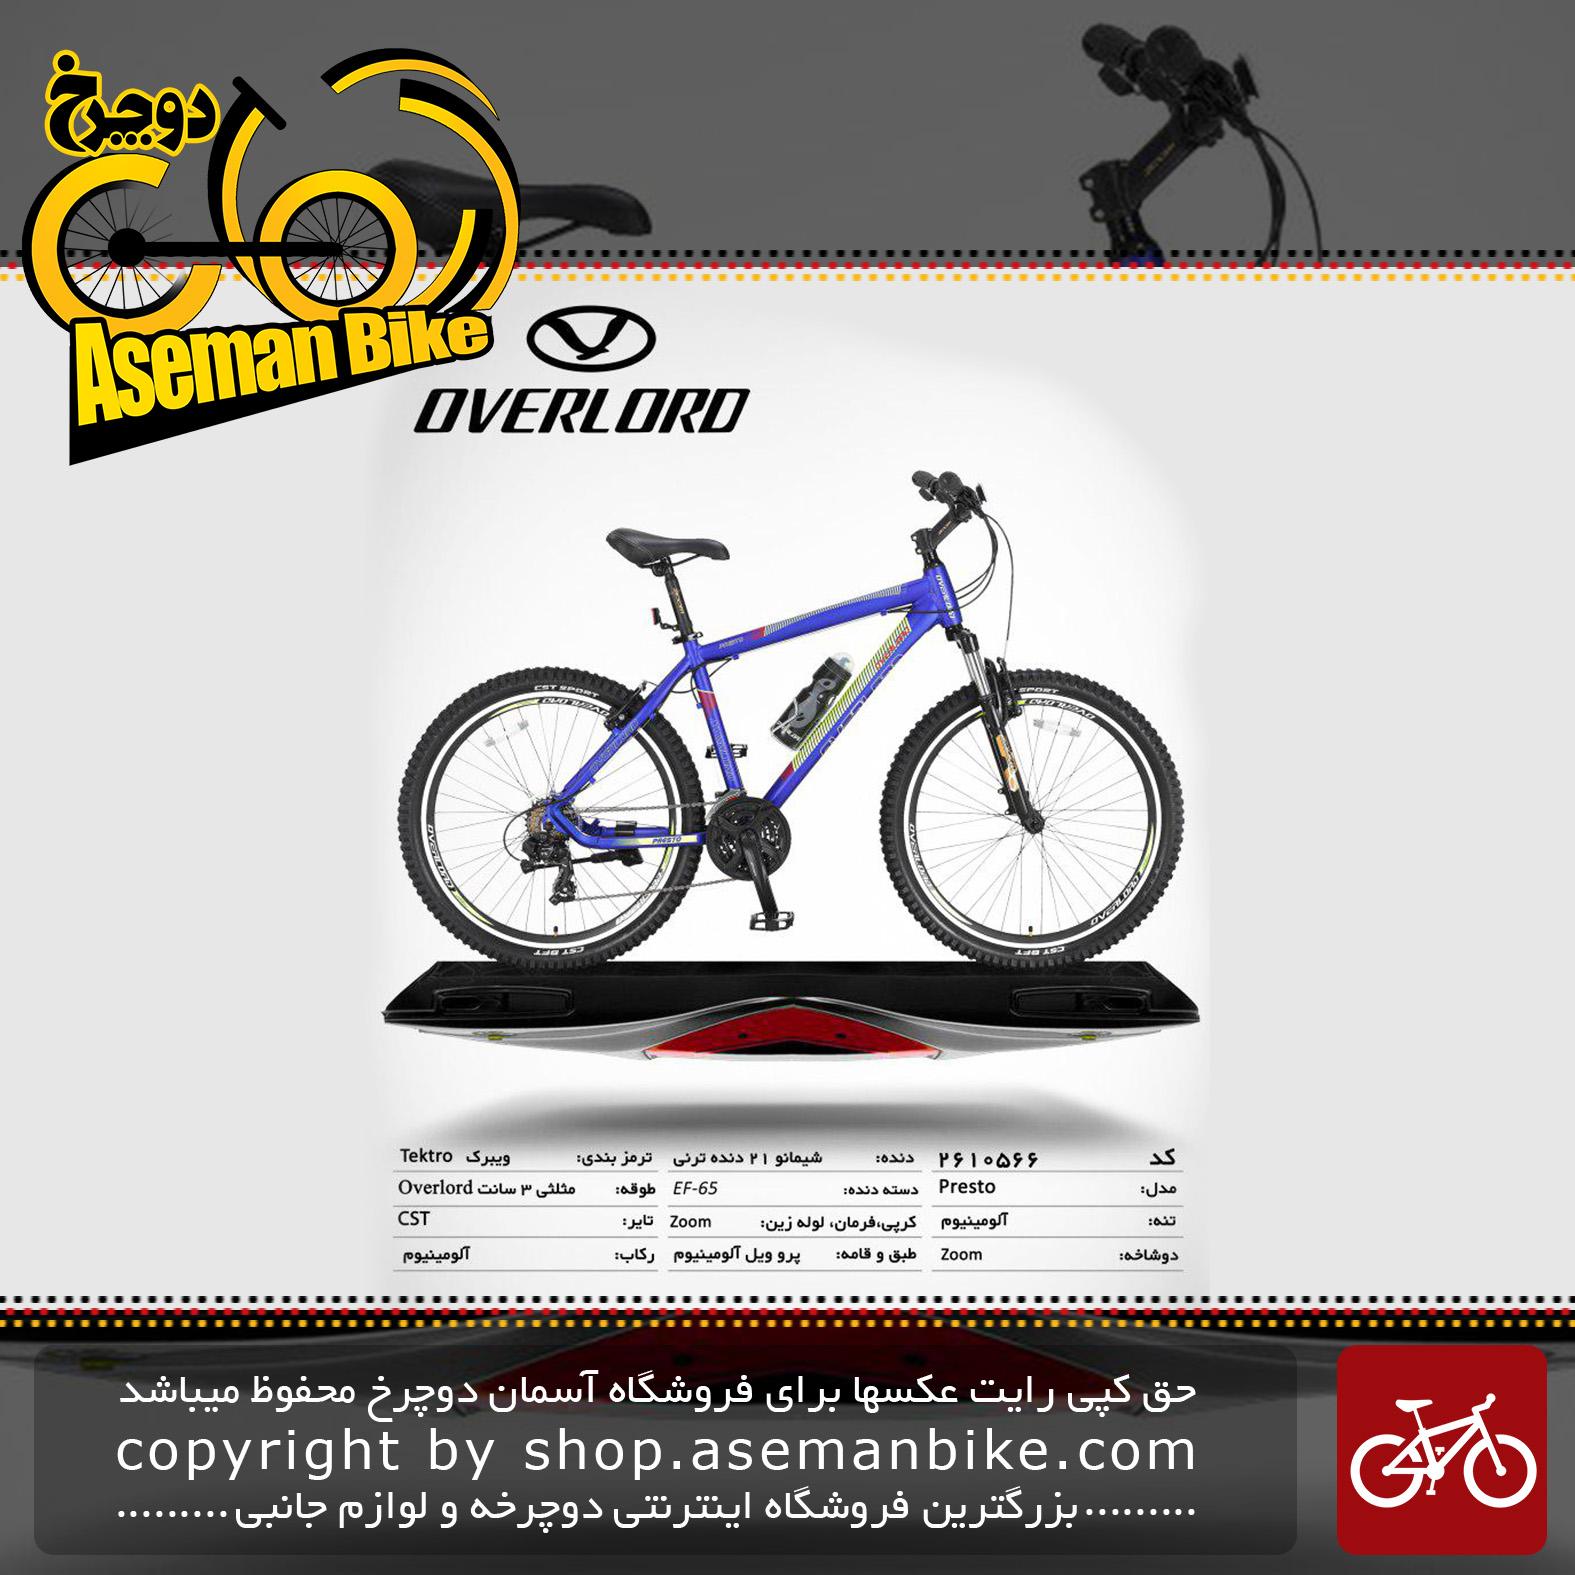 دوچرخه کوهستان شهری اورلرد مدل پریستو 21 دنده شیمانو تورنی سایز 26 ساخت تایوان OVERLORD Mountain City Taiwan Bicycle PRESTO 26 2019